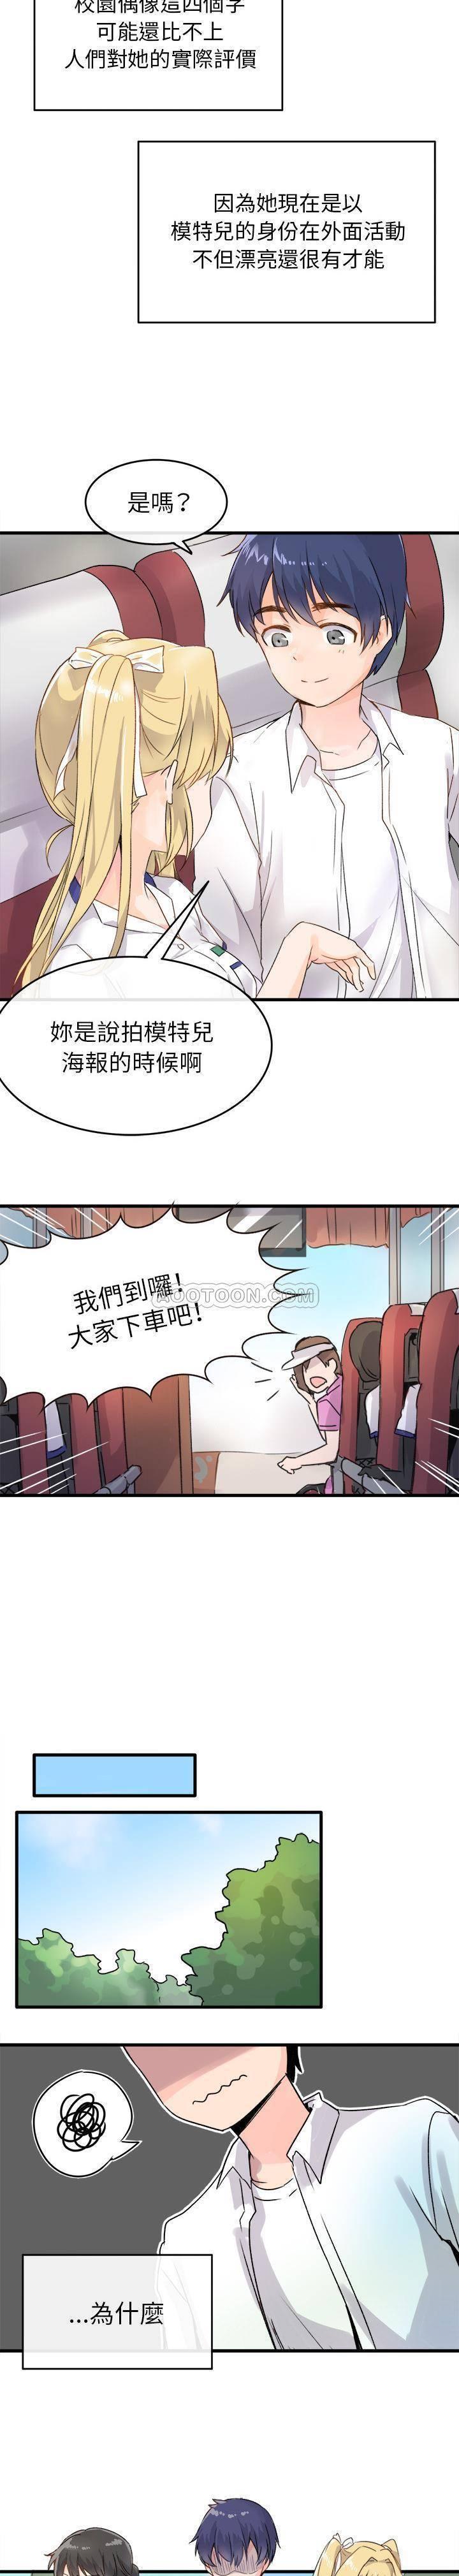 《爱我还是她》— 漫画韩漫 — 免费全文在线阅读